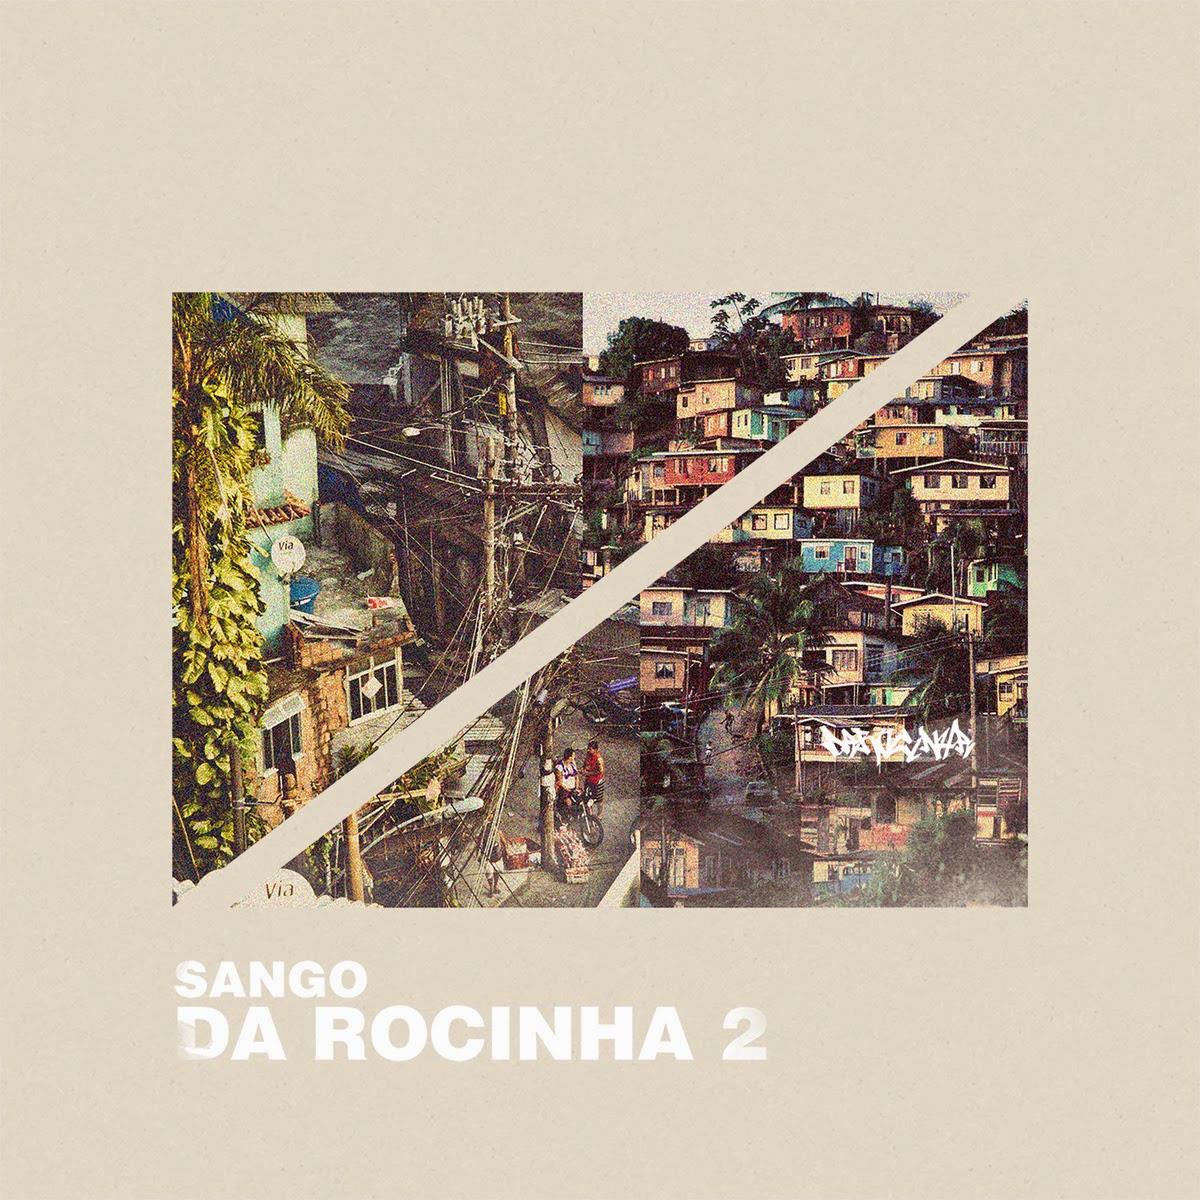 http://www.d4am.net/2014/03/sango-da-rocinha-2.html